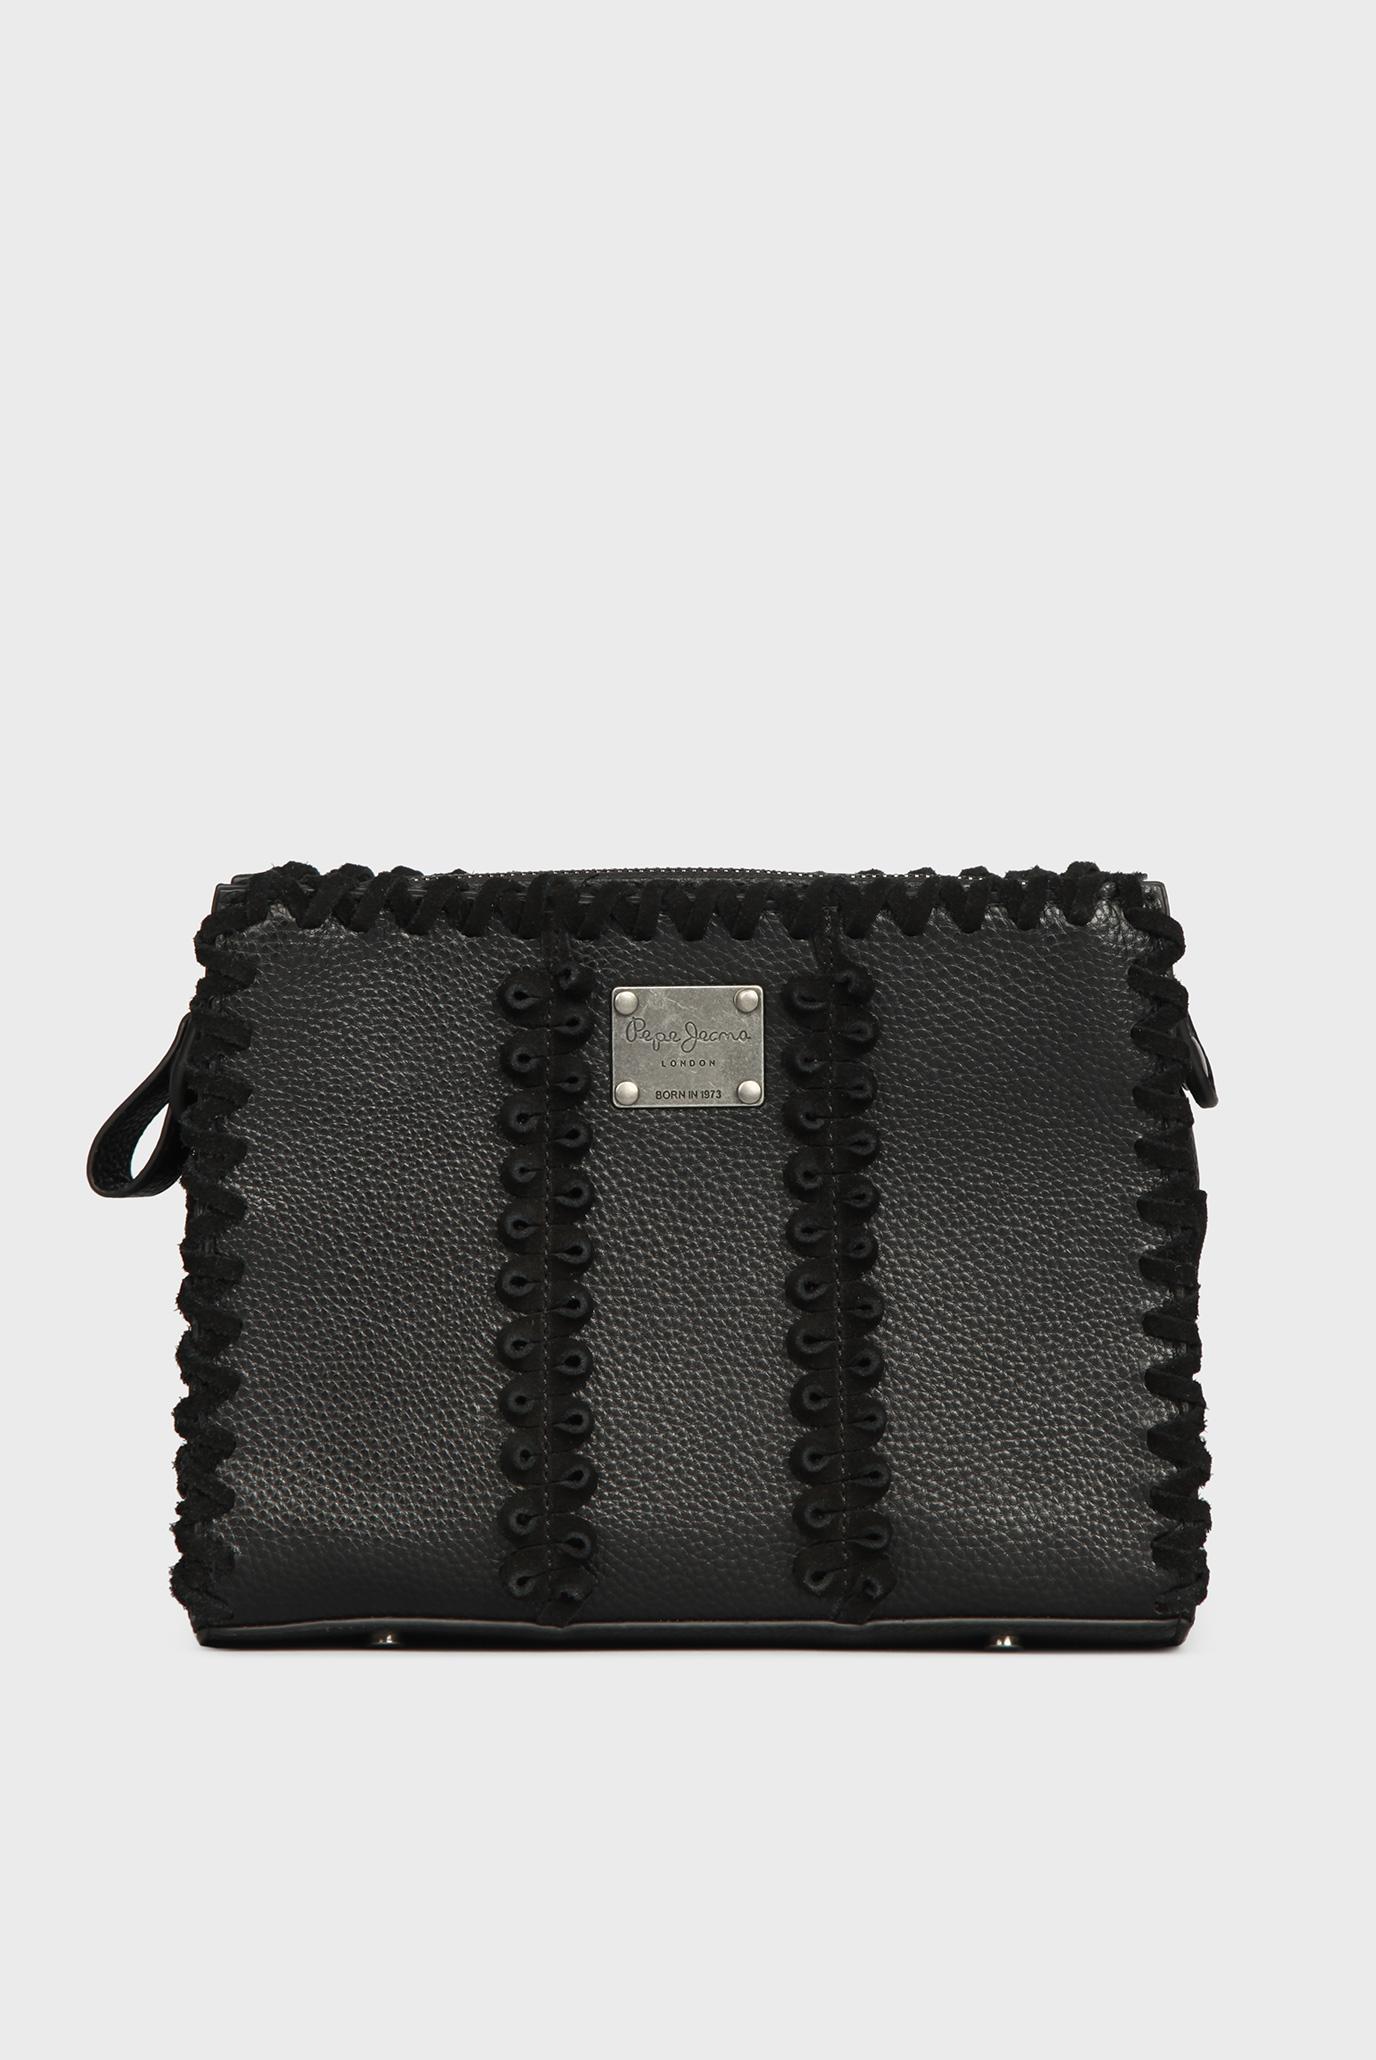 79c4bef753d7 Купить Женская черная сумка через плечо Pepe Jeans Pepe Jeans PL030718 –  Киев, Украина. Цены в интернет ...